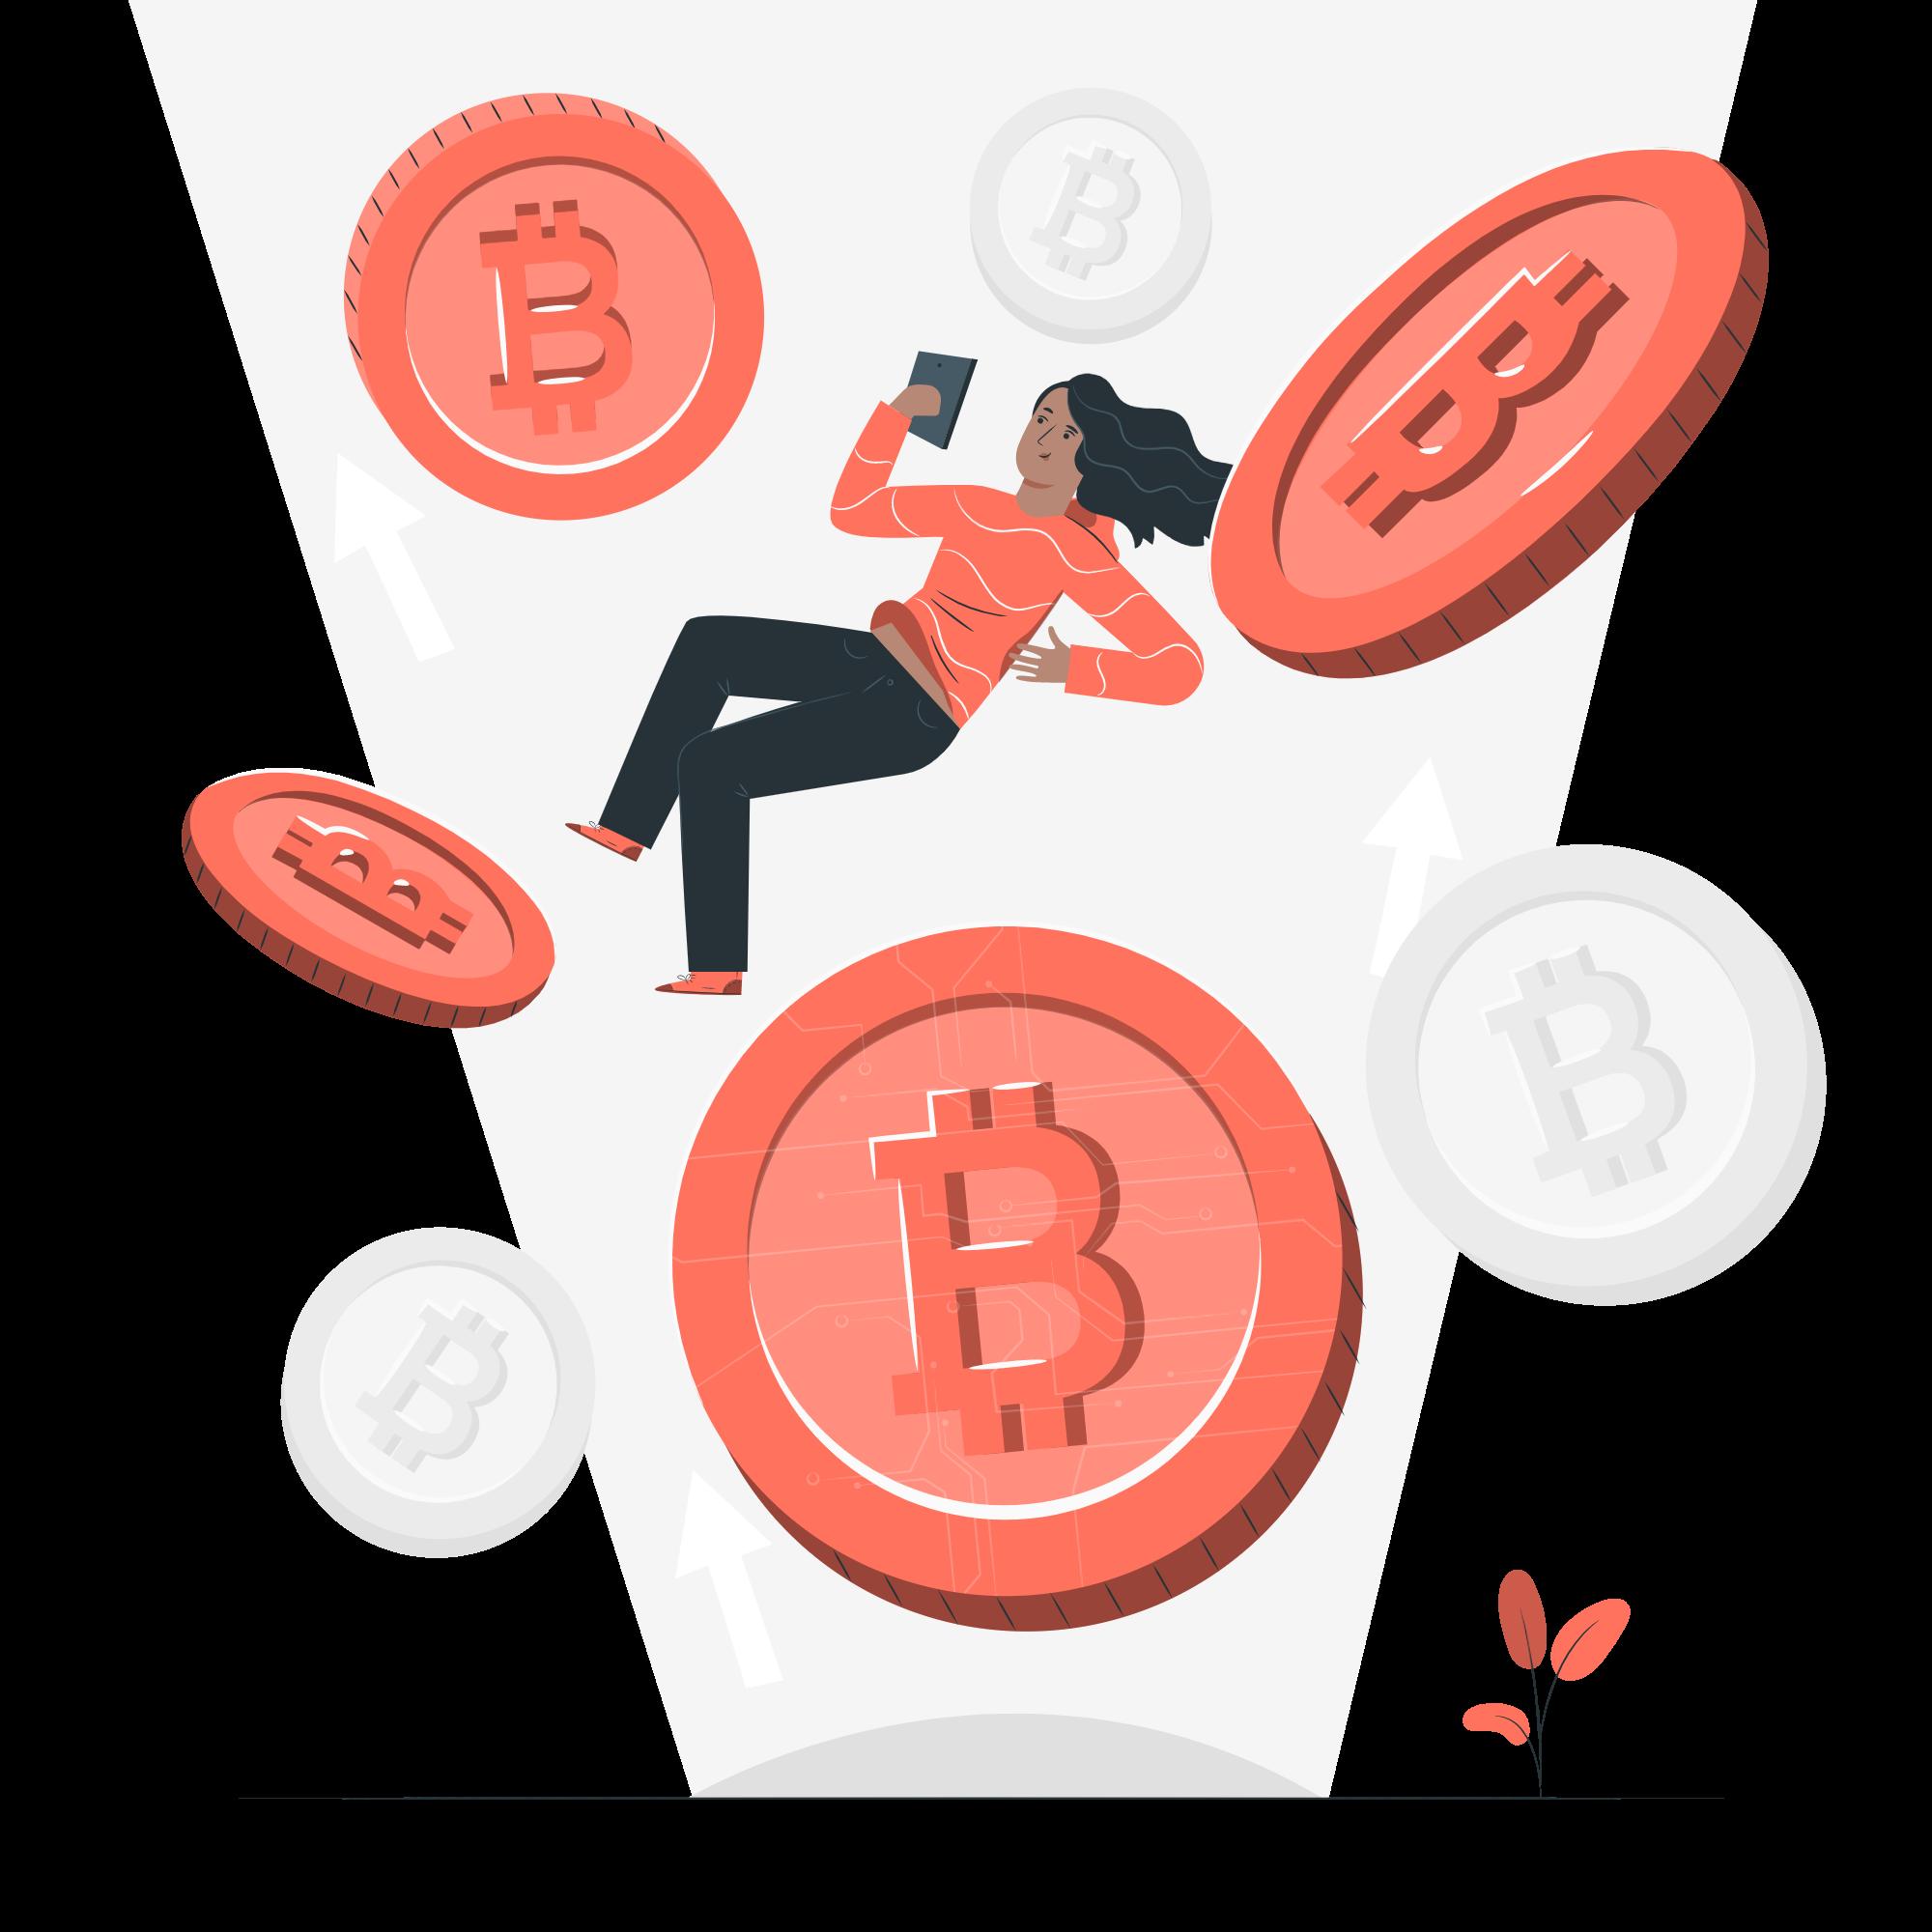 投資初心者が仮想通貨を始める前に知っておくべきポイント!